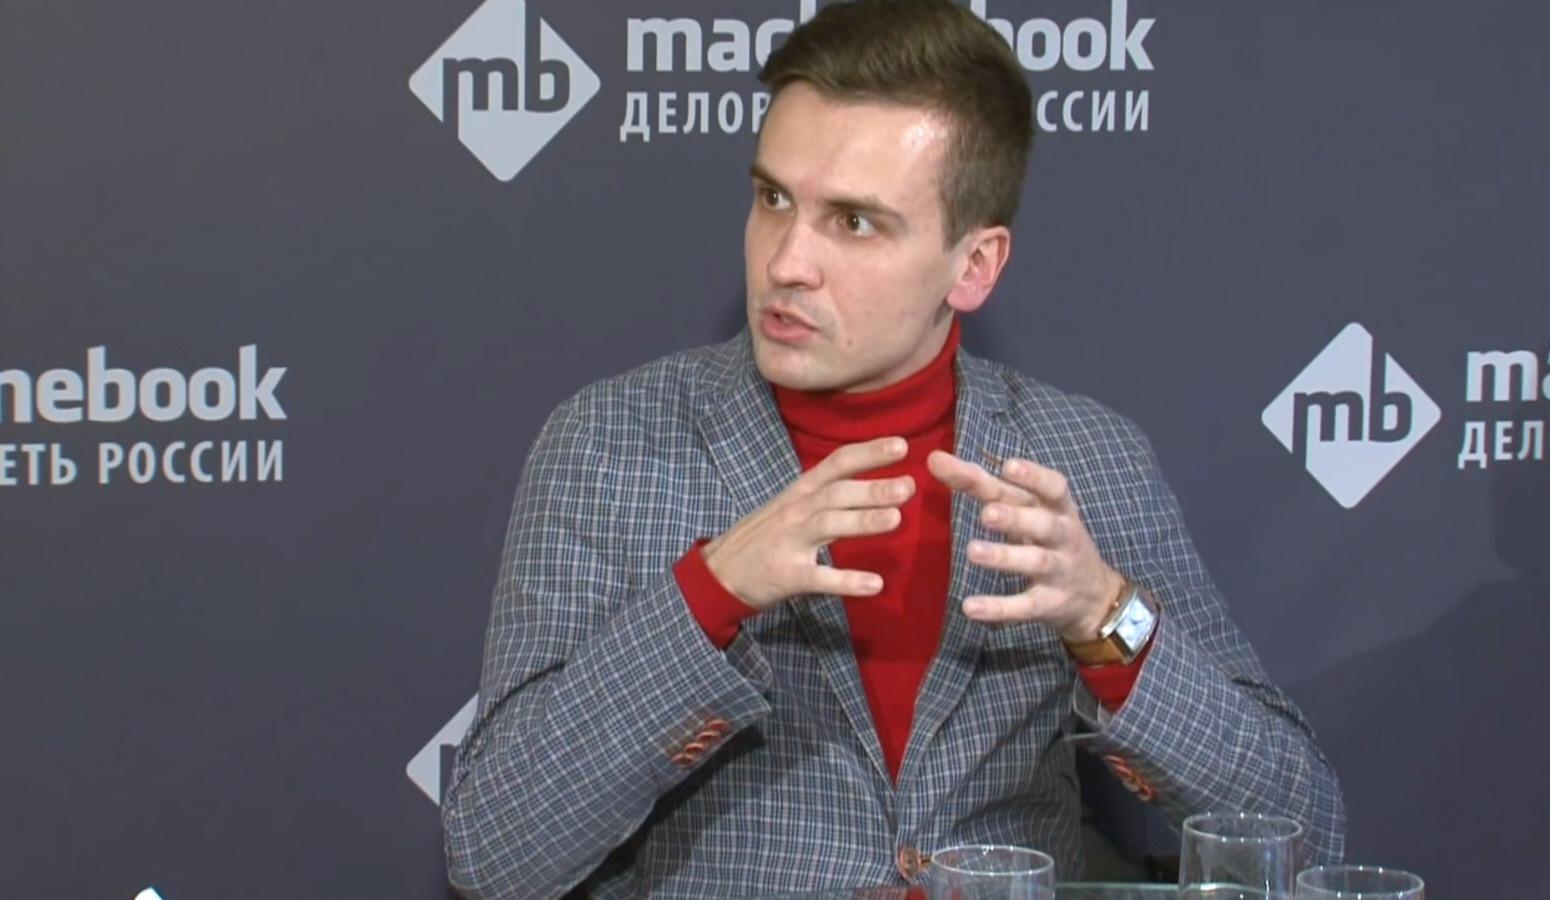 Иван Купцов - совладелец рекламной компании Роботрон